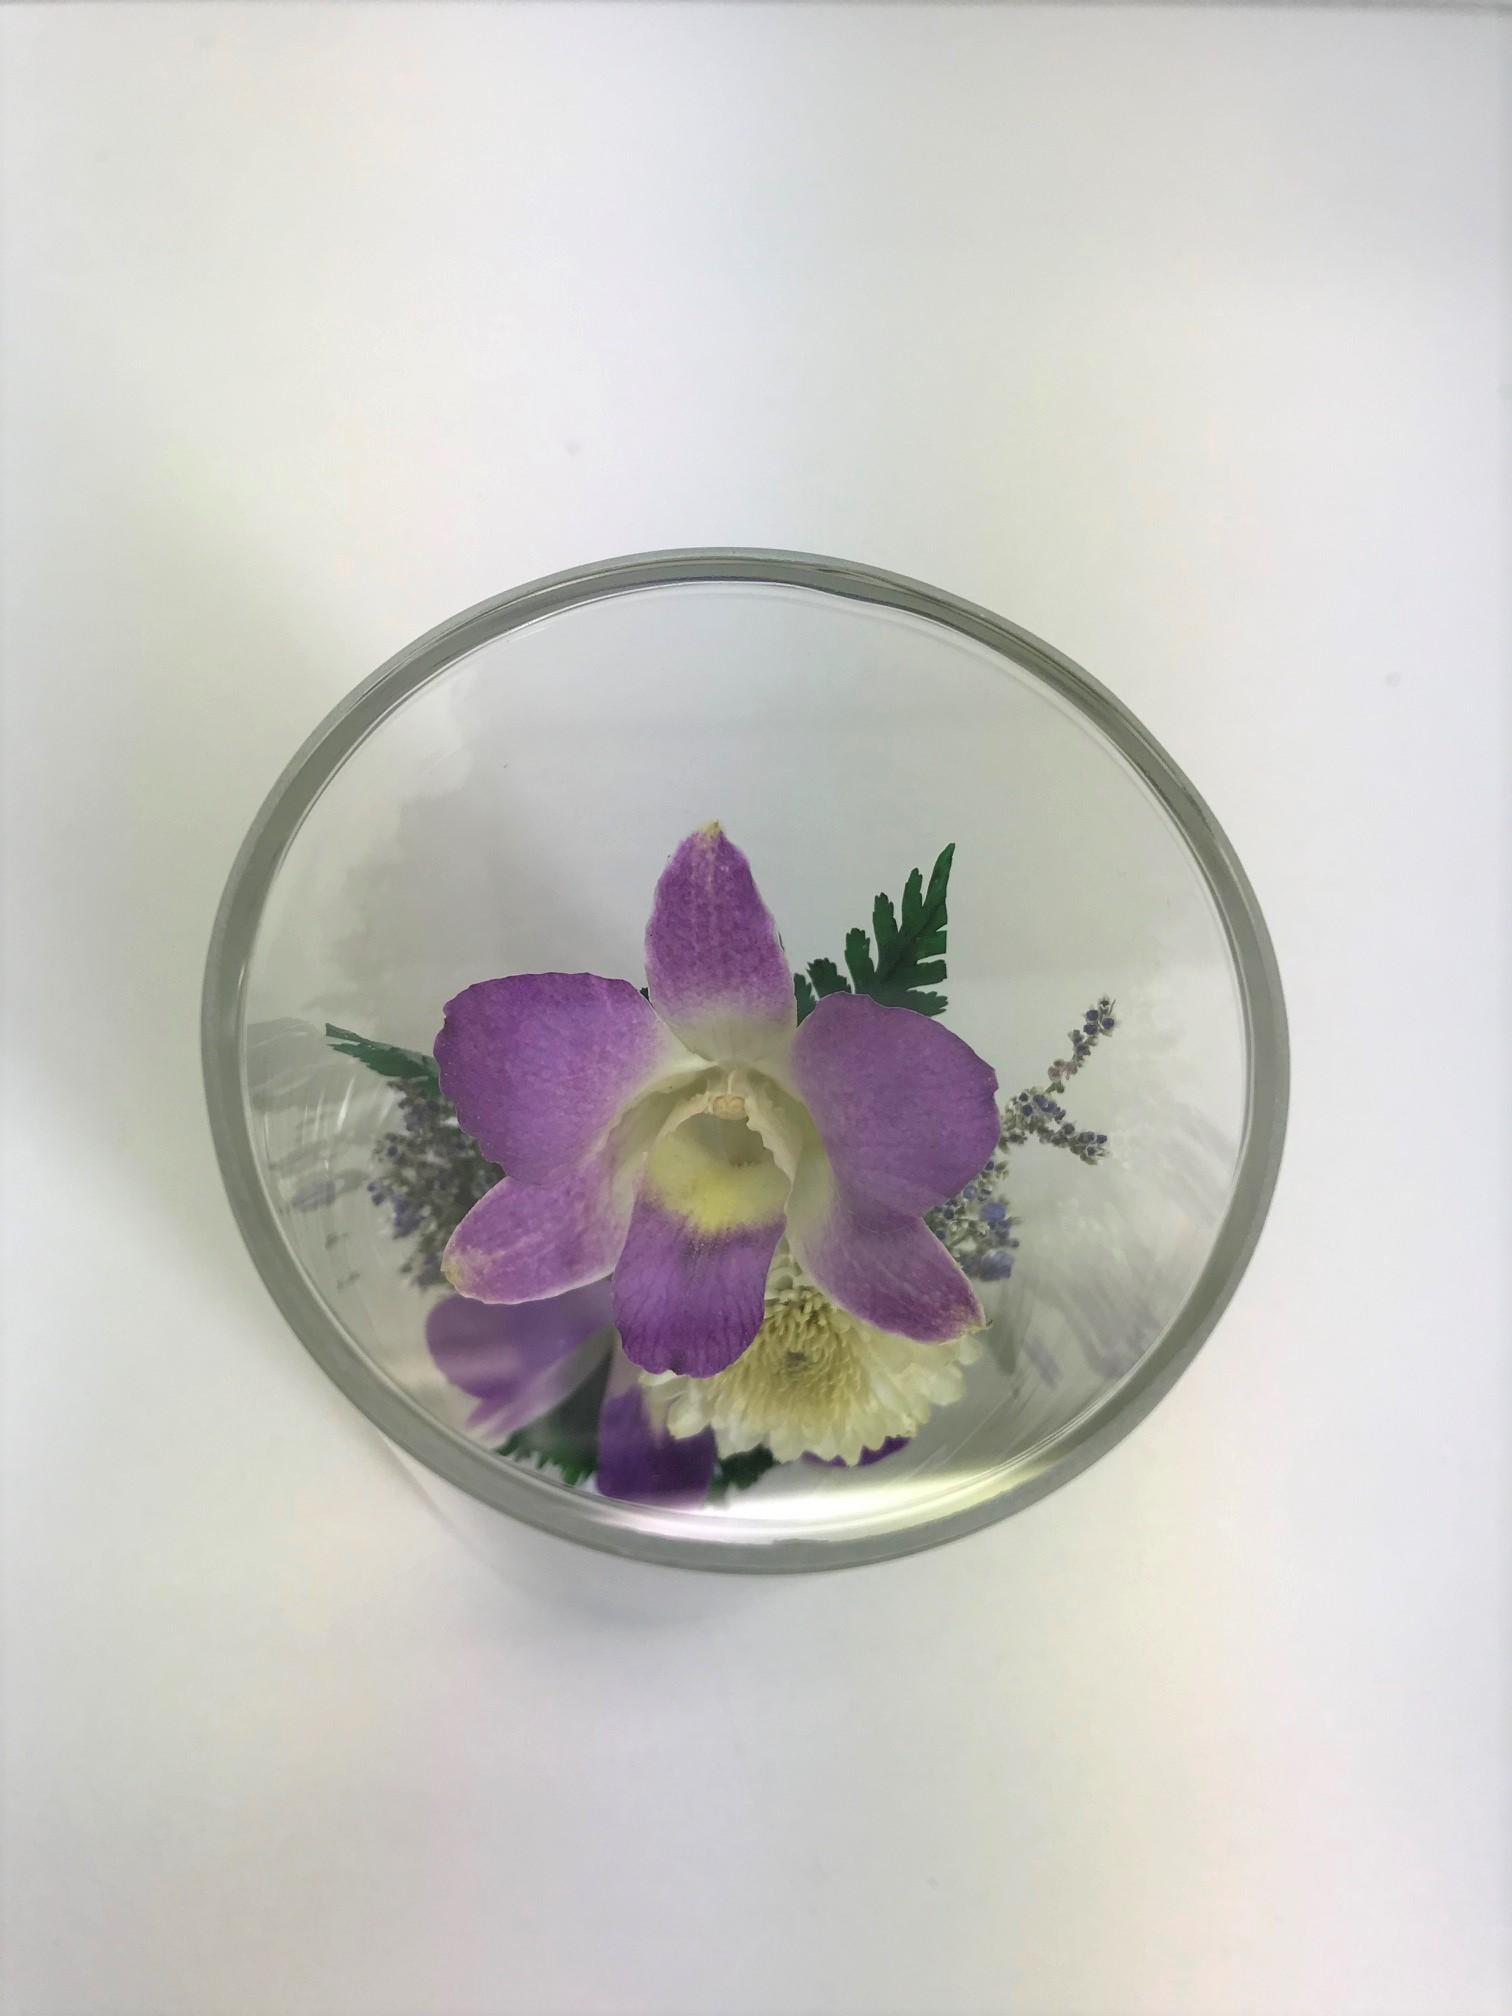 お盆のお供えに 仏花 ドライフラワー 双紫(そうし) 1個 - 8